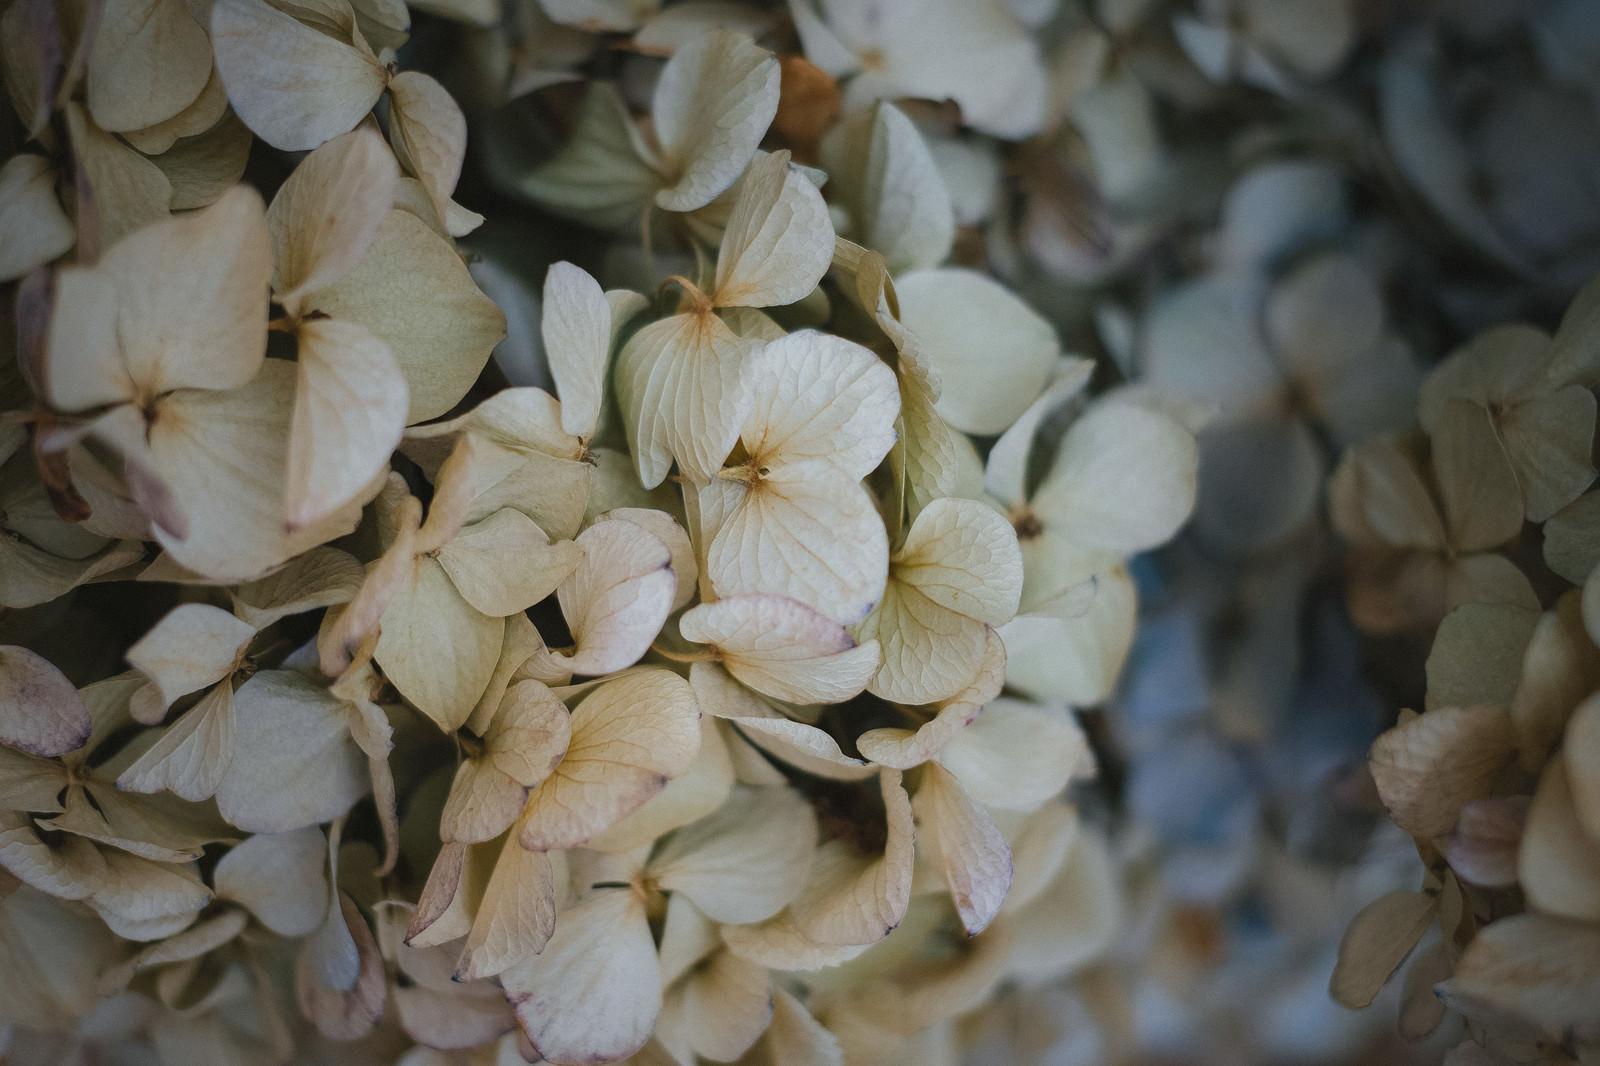 「梅雨明けの枯れた紫陽花」の写真